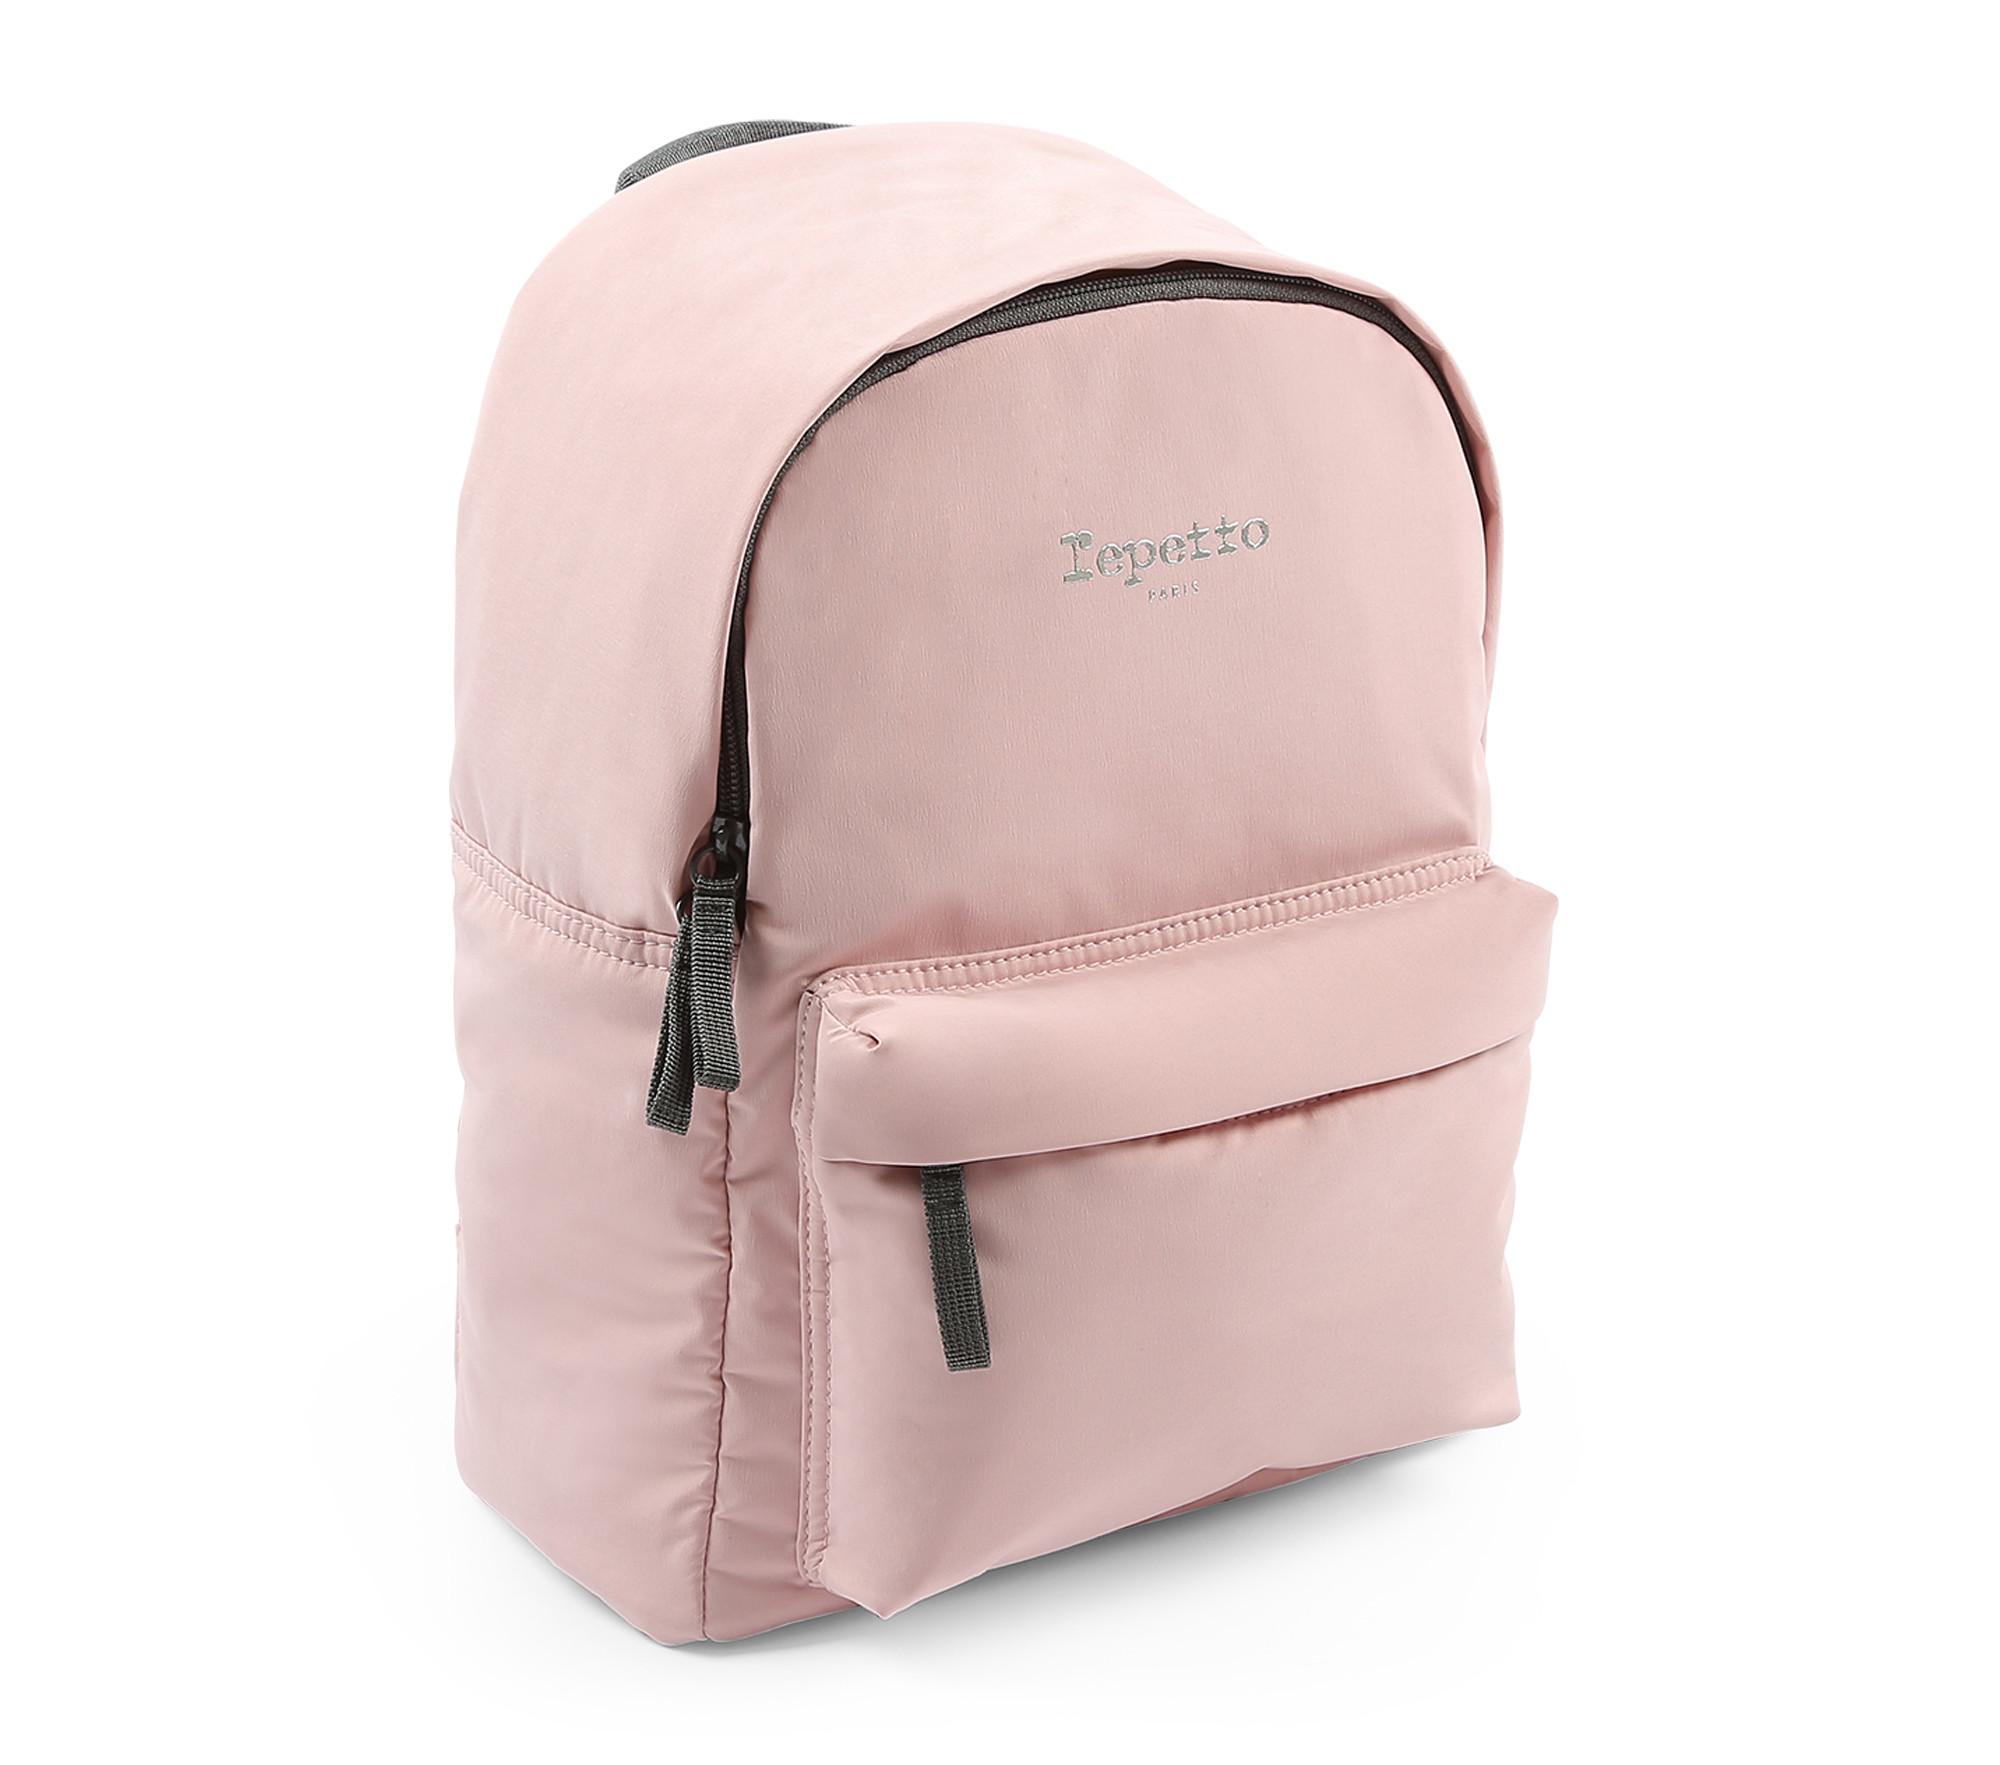 Adagio small backpack